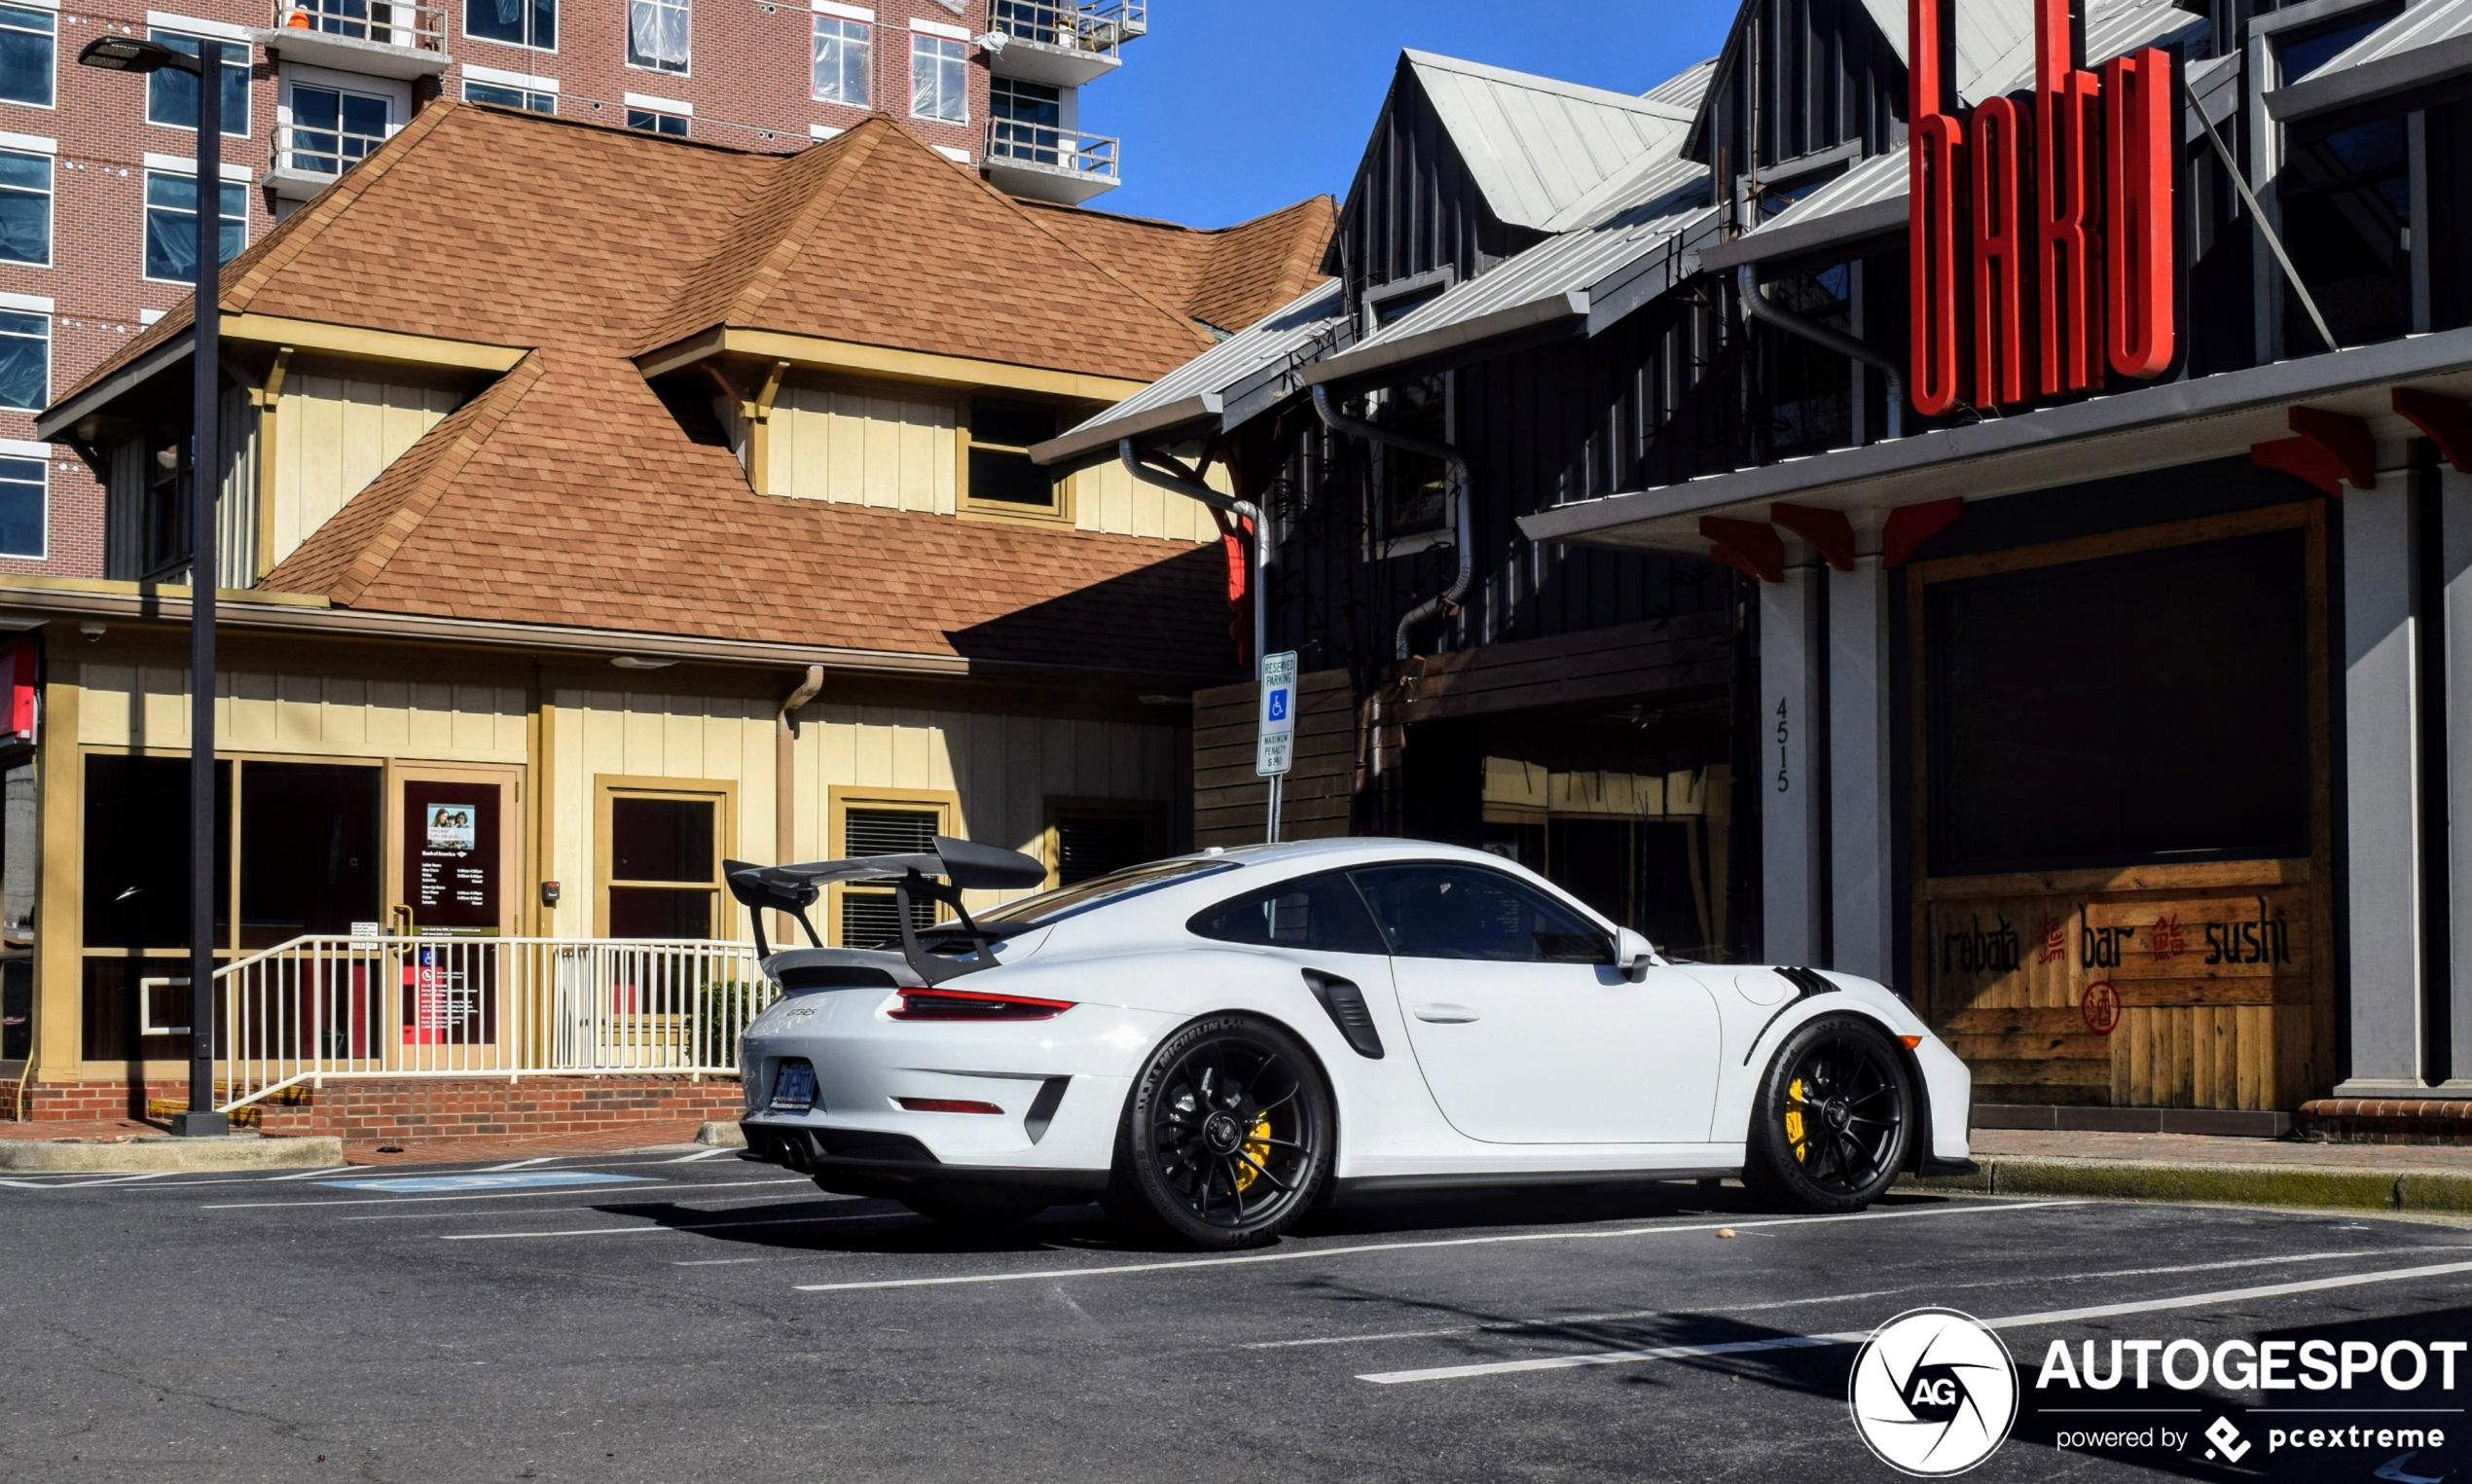 Spot of the day Usa: Porsche 991 GT3 RS mk2